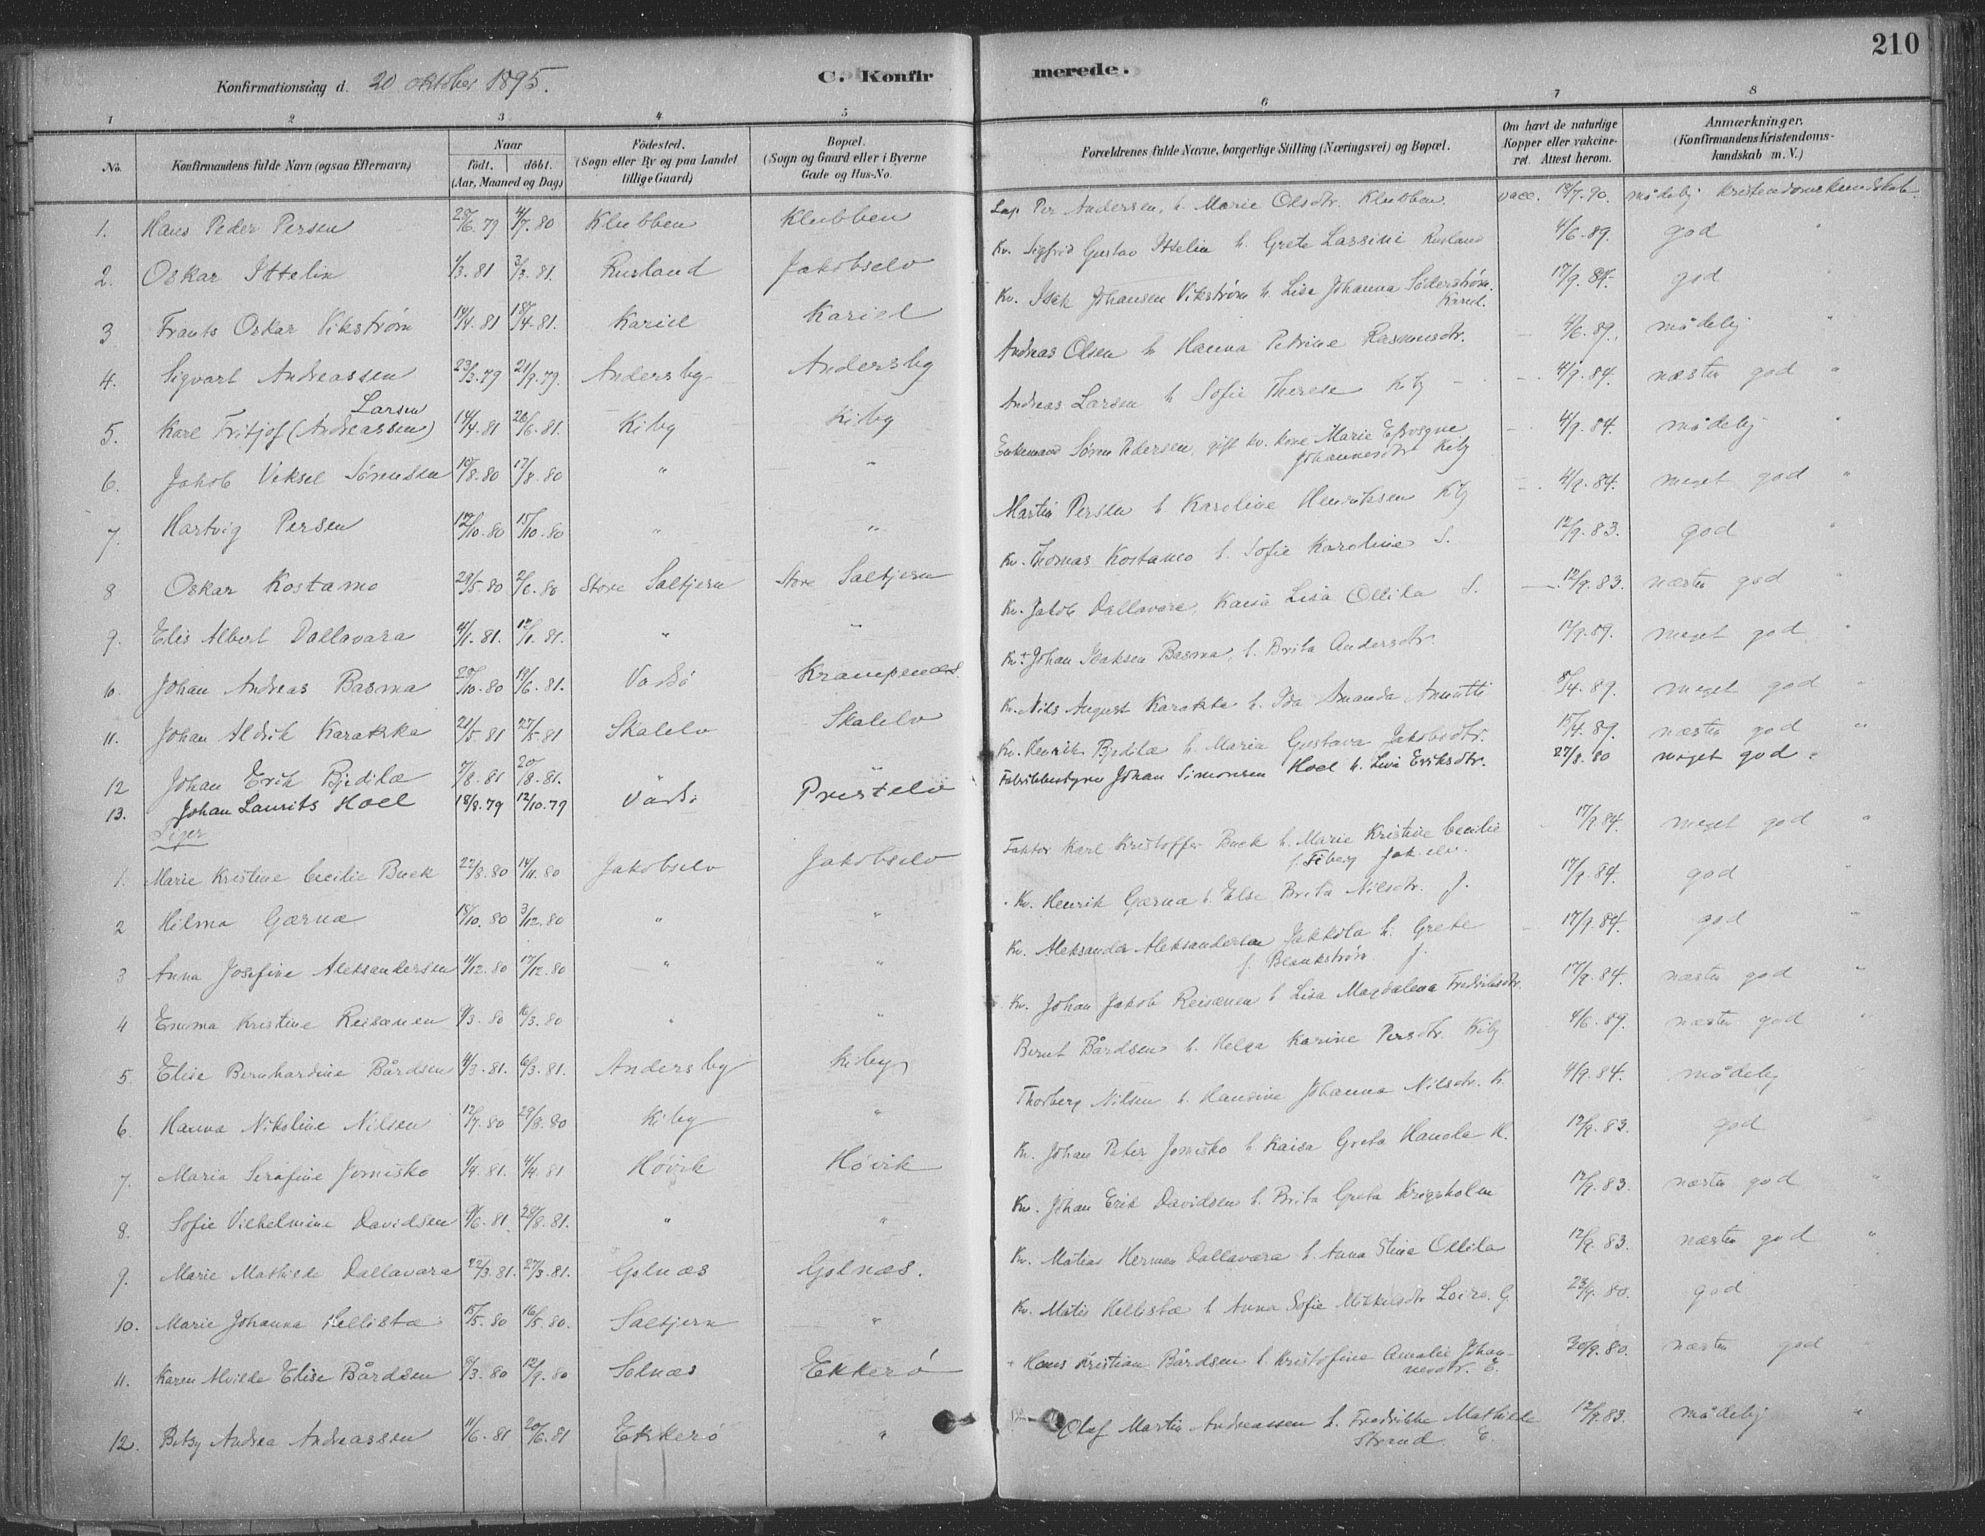 SATØ, Vadsø sokneprestkontor, H/Ha/L0009kirke: Ministerialbok nr. 9, 1881-1917, s. 210